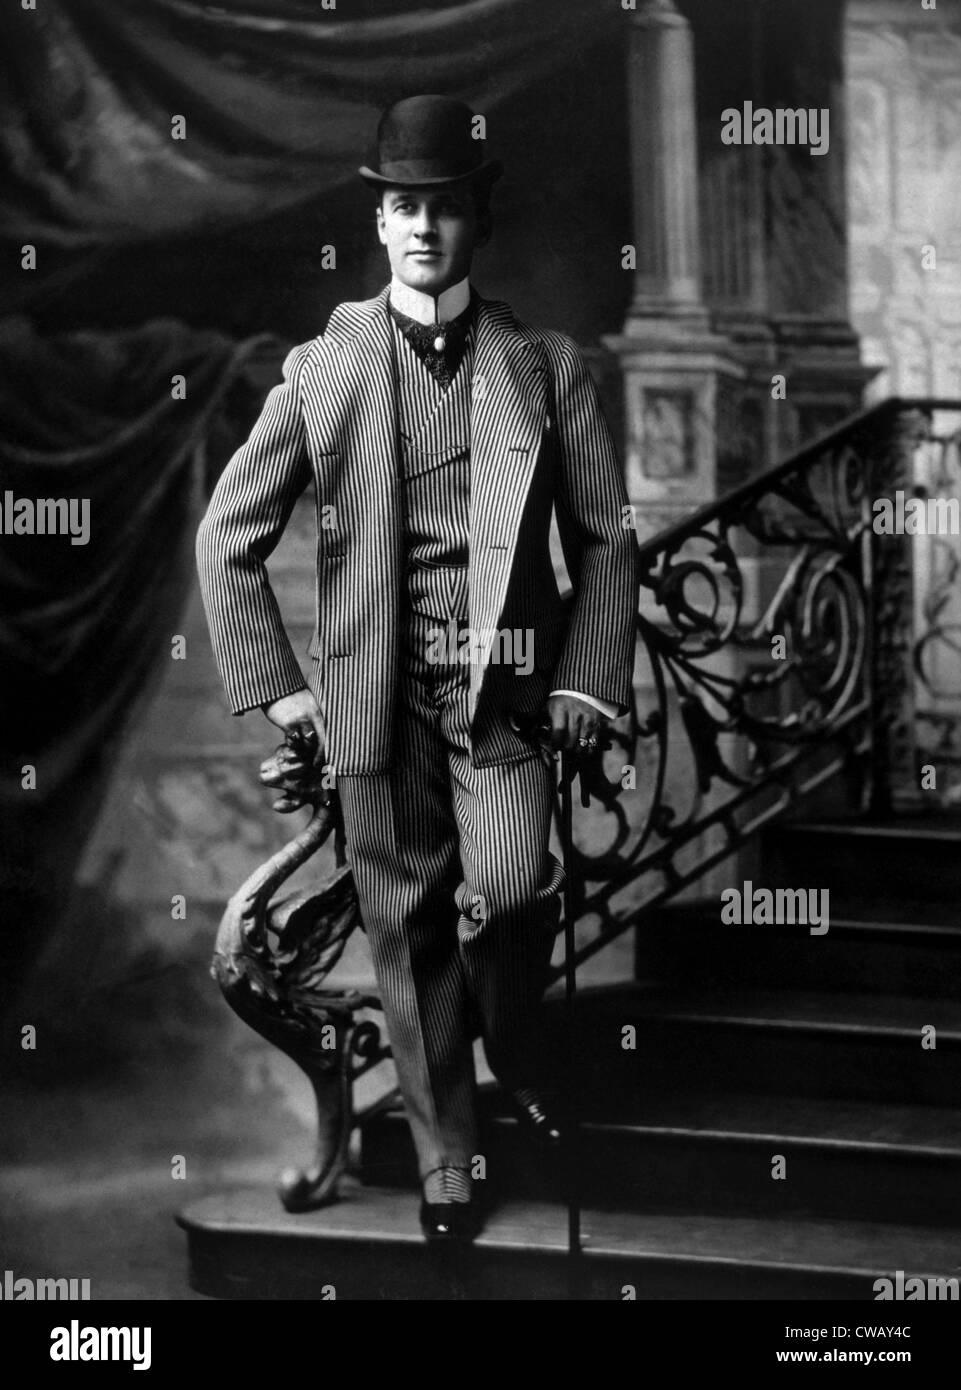 Un homme à la mode, vers 1895. Photo: Courtesy Everett Collection Photo Stock